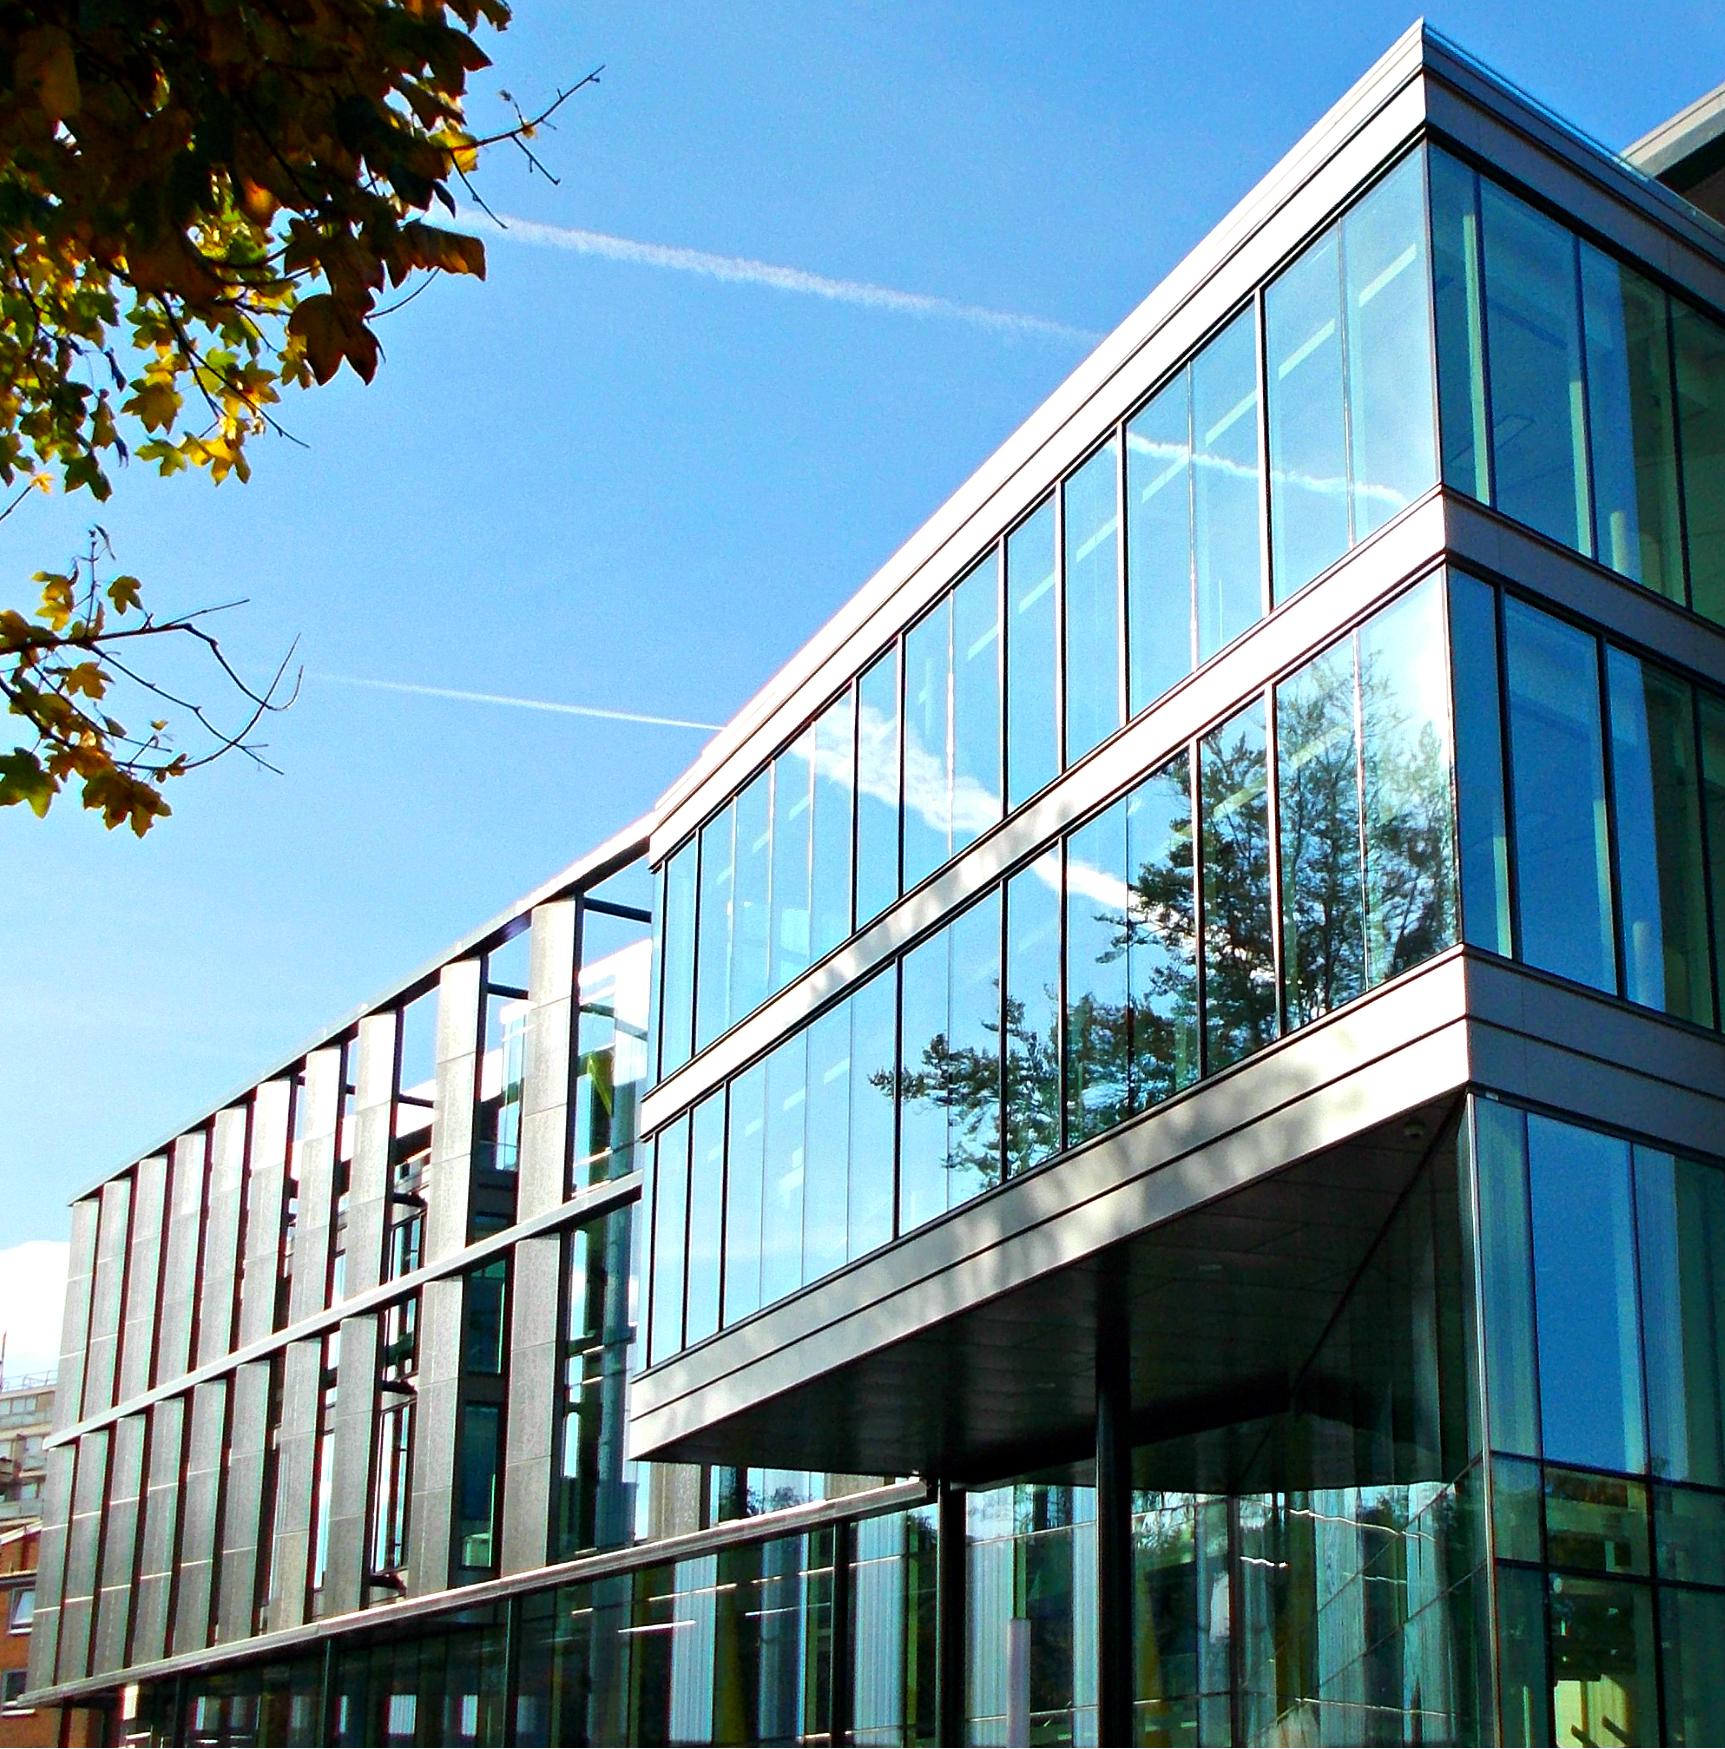 entschwindet und vergeht  A brief visit to Park Hill Mayor of London Goldsmiths campus